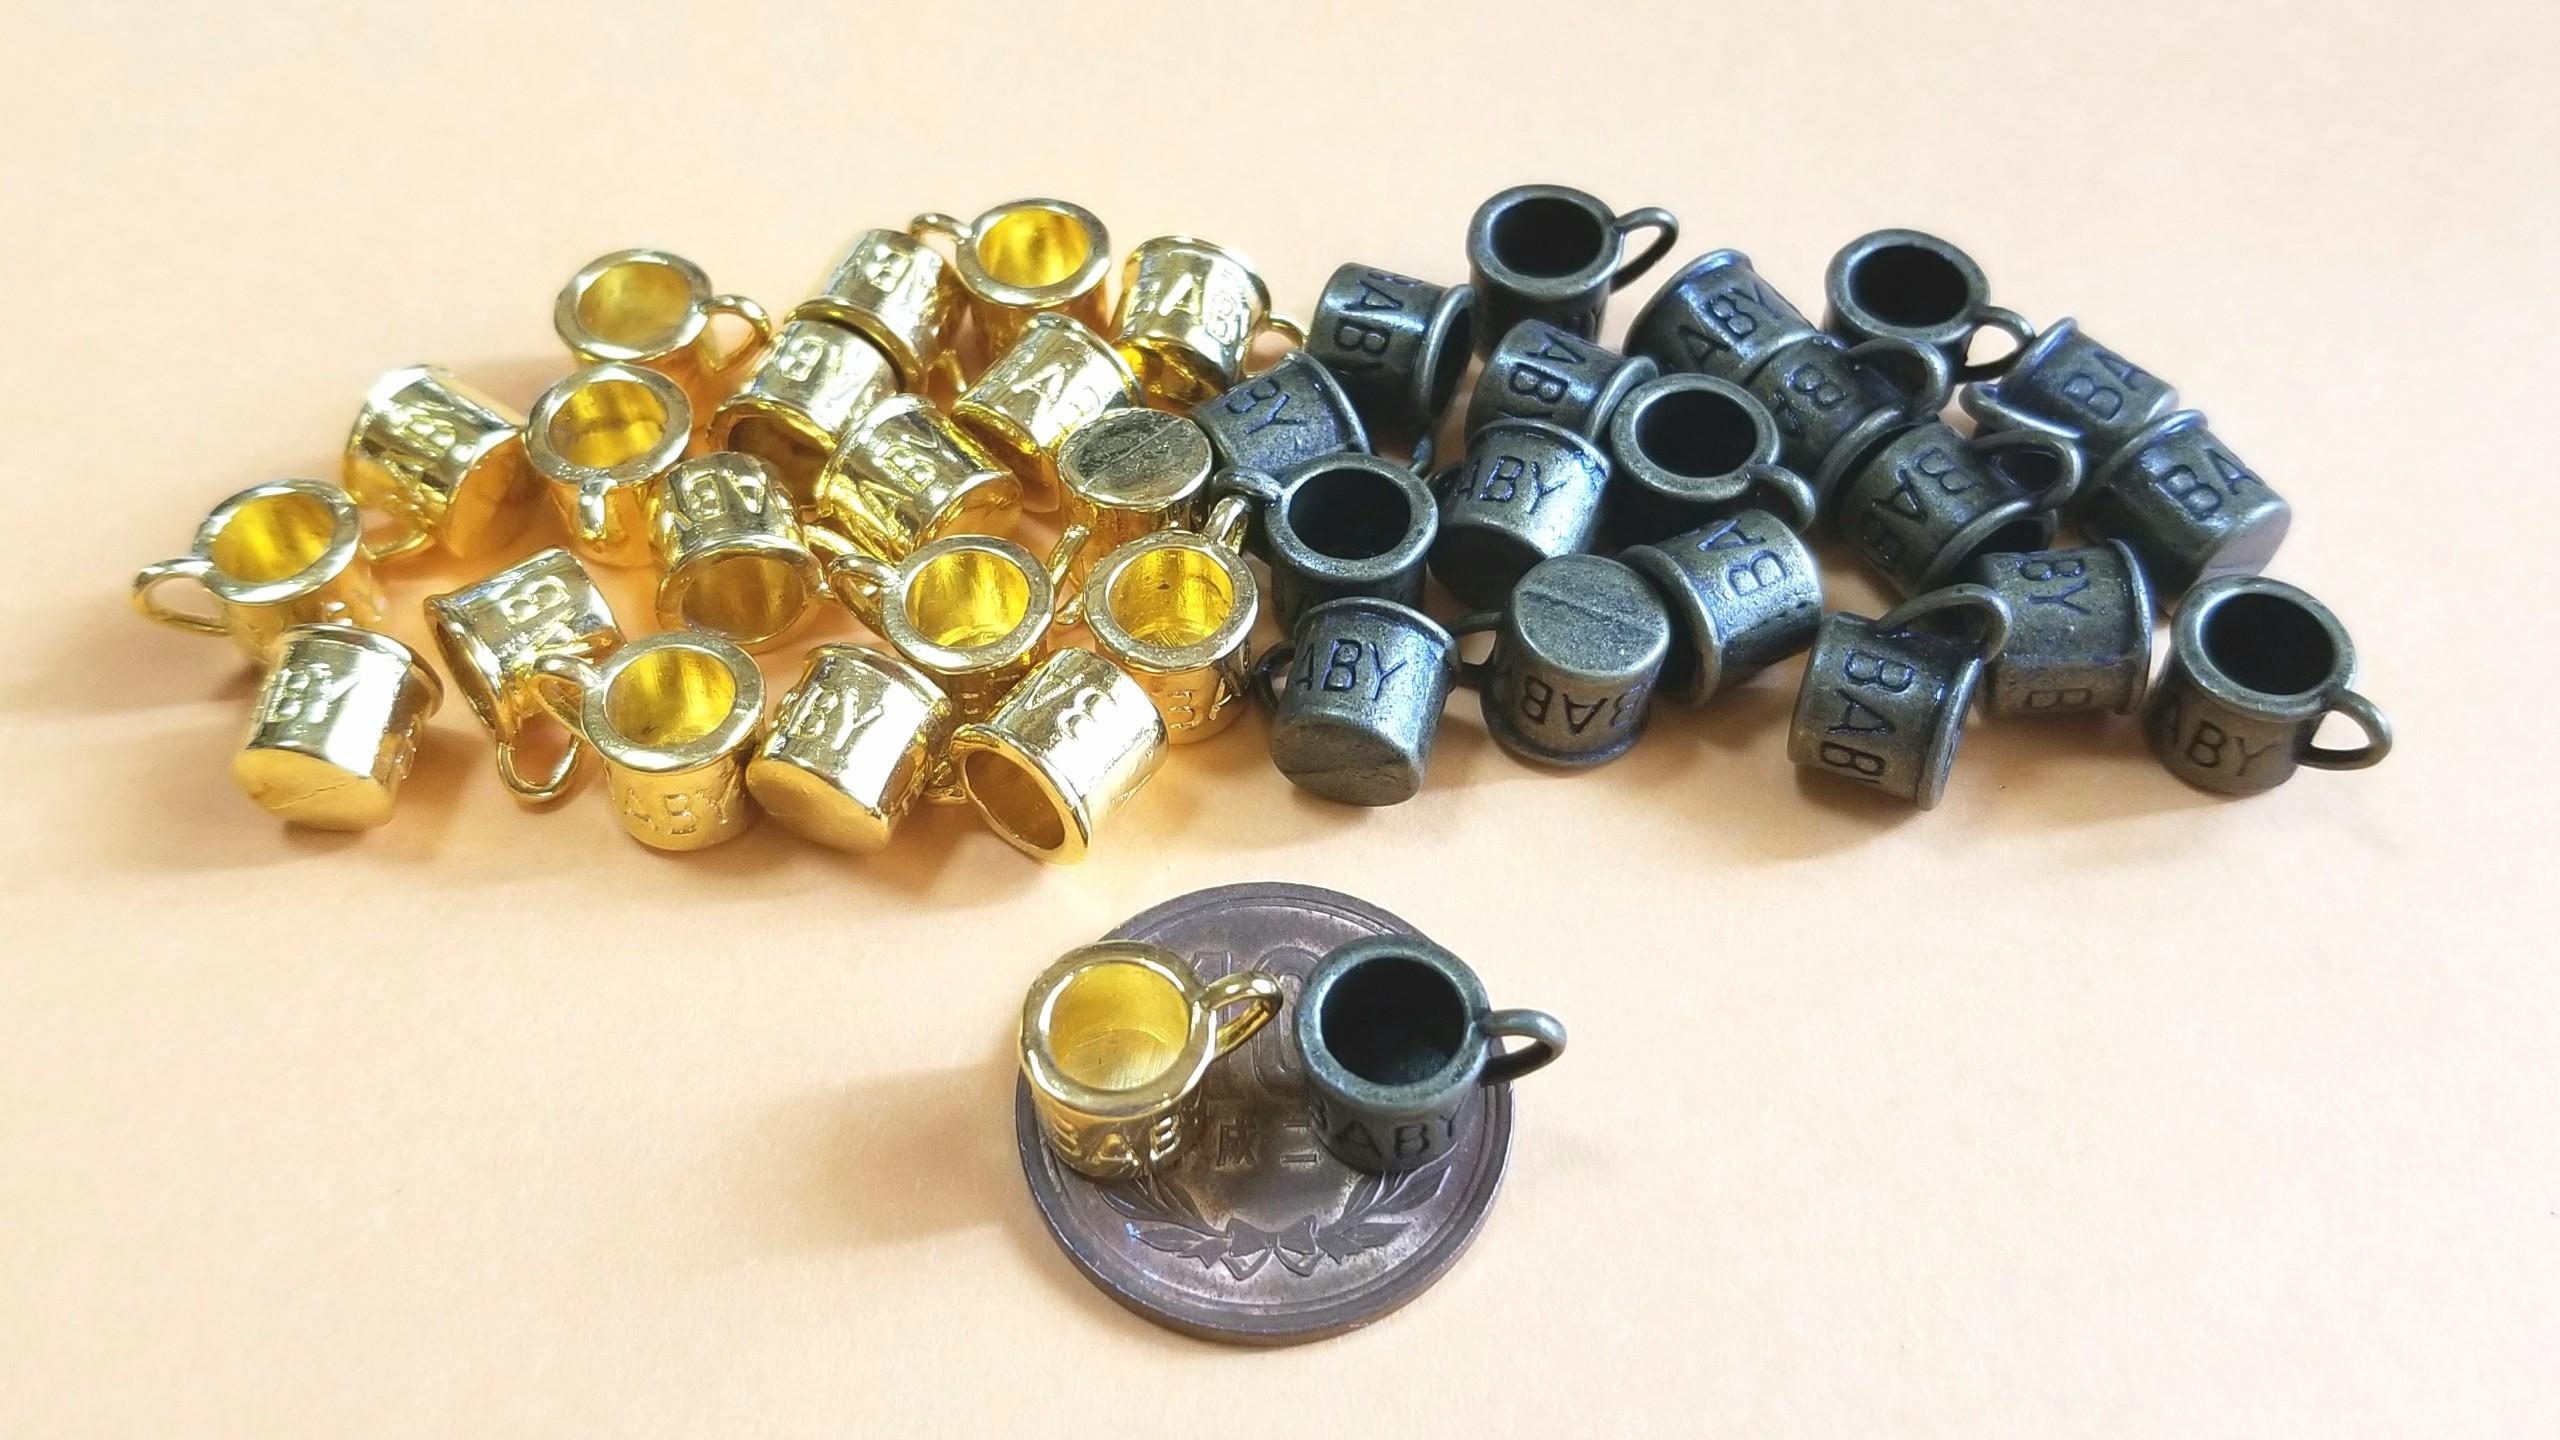 マグカップ,金古美,ゴールド,小さいサイズ,道具材料,購入品,可愛い